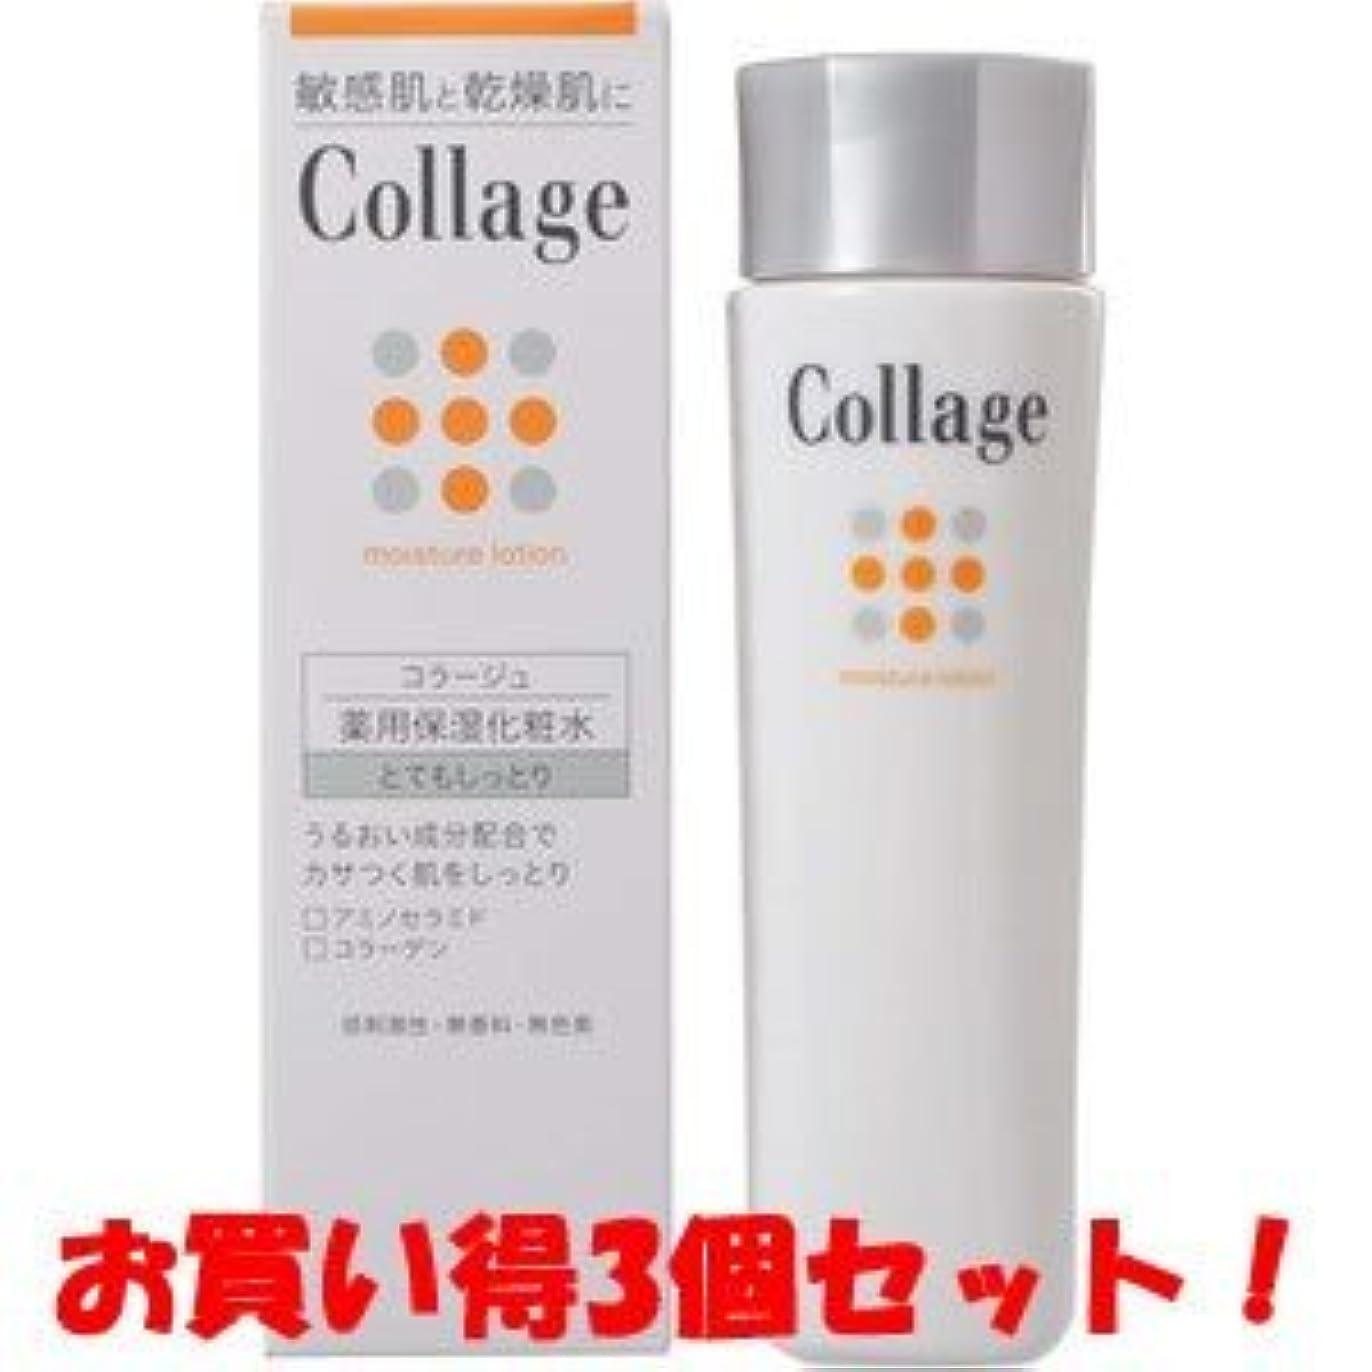 トーストエゴマニアミニ(持田ヘルスケア)コラージュ 薬用保湿化粧水 とてもしっとり 120ml(医薬部外品)(お買い得3個セット)